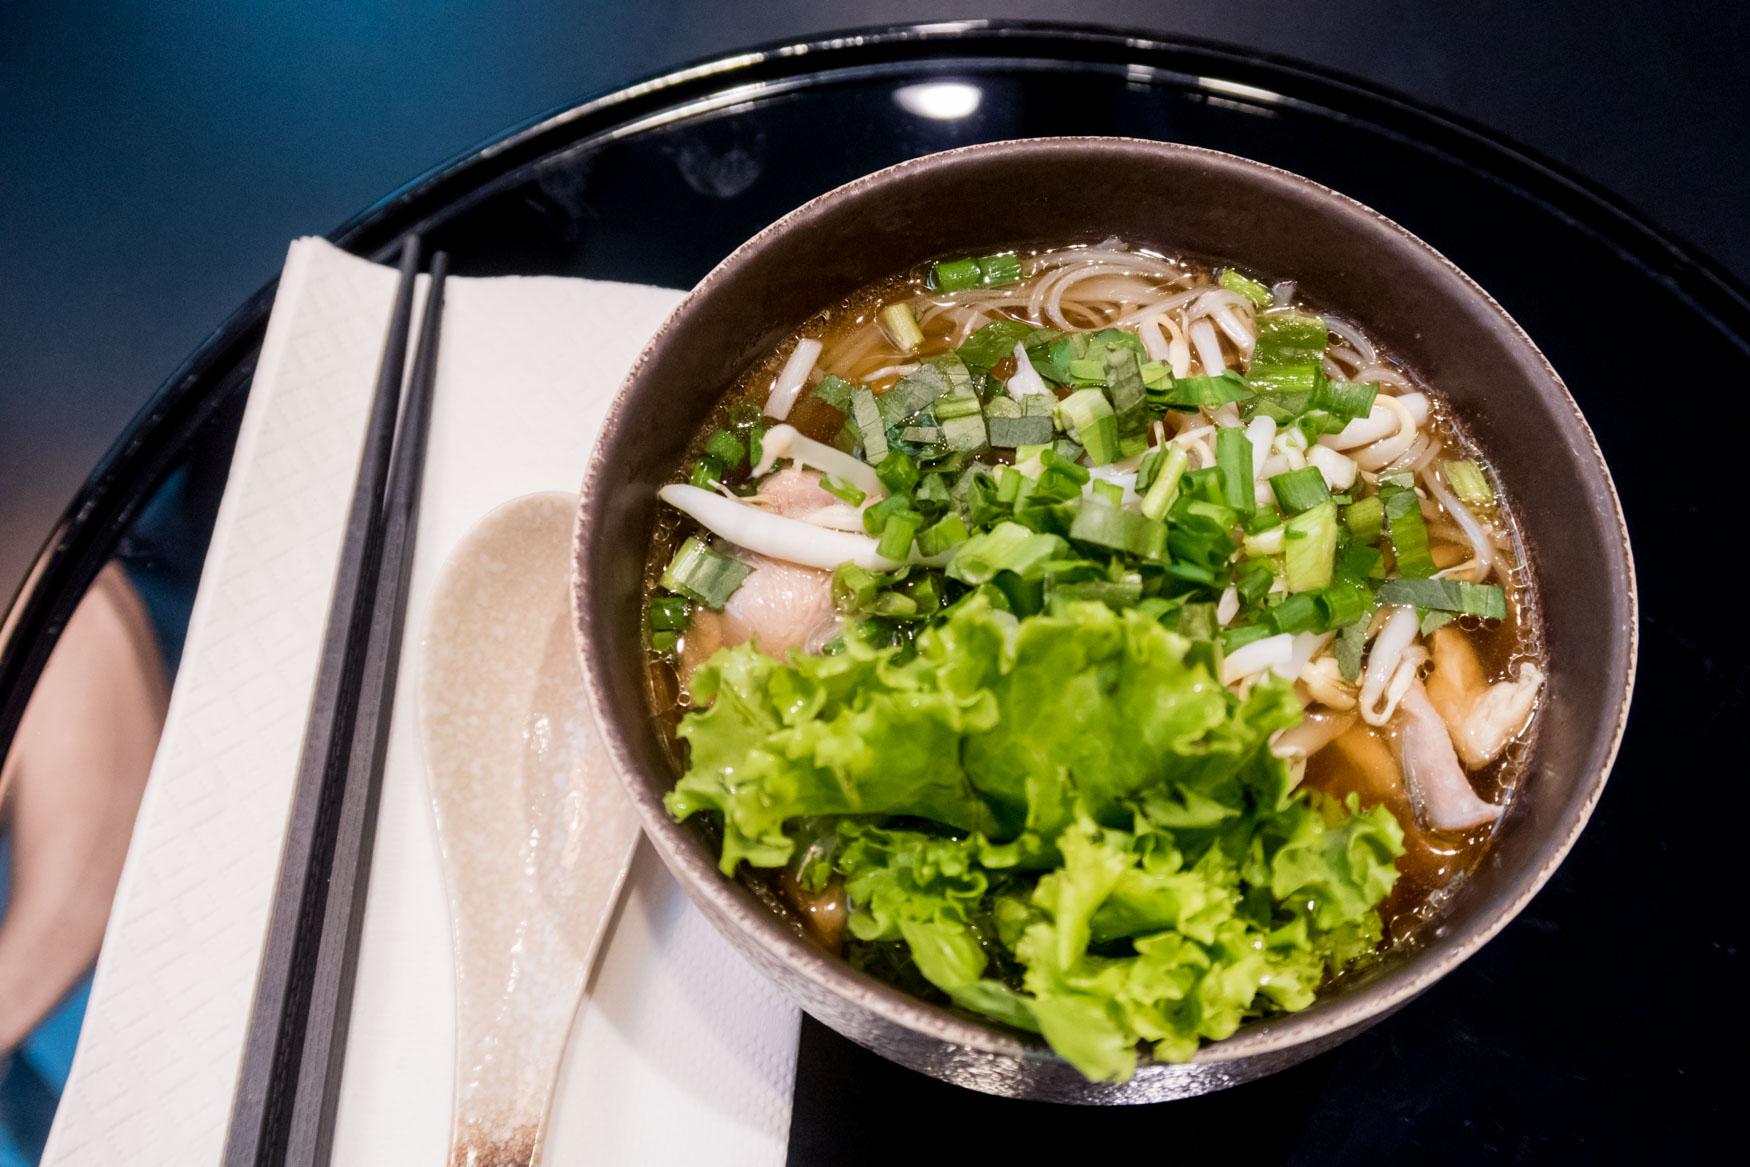 Cathay Pacific Lounge Bangkok Noodles